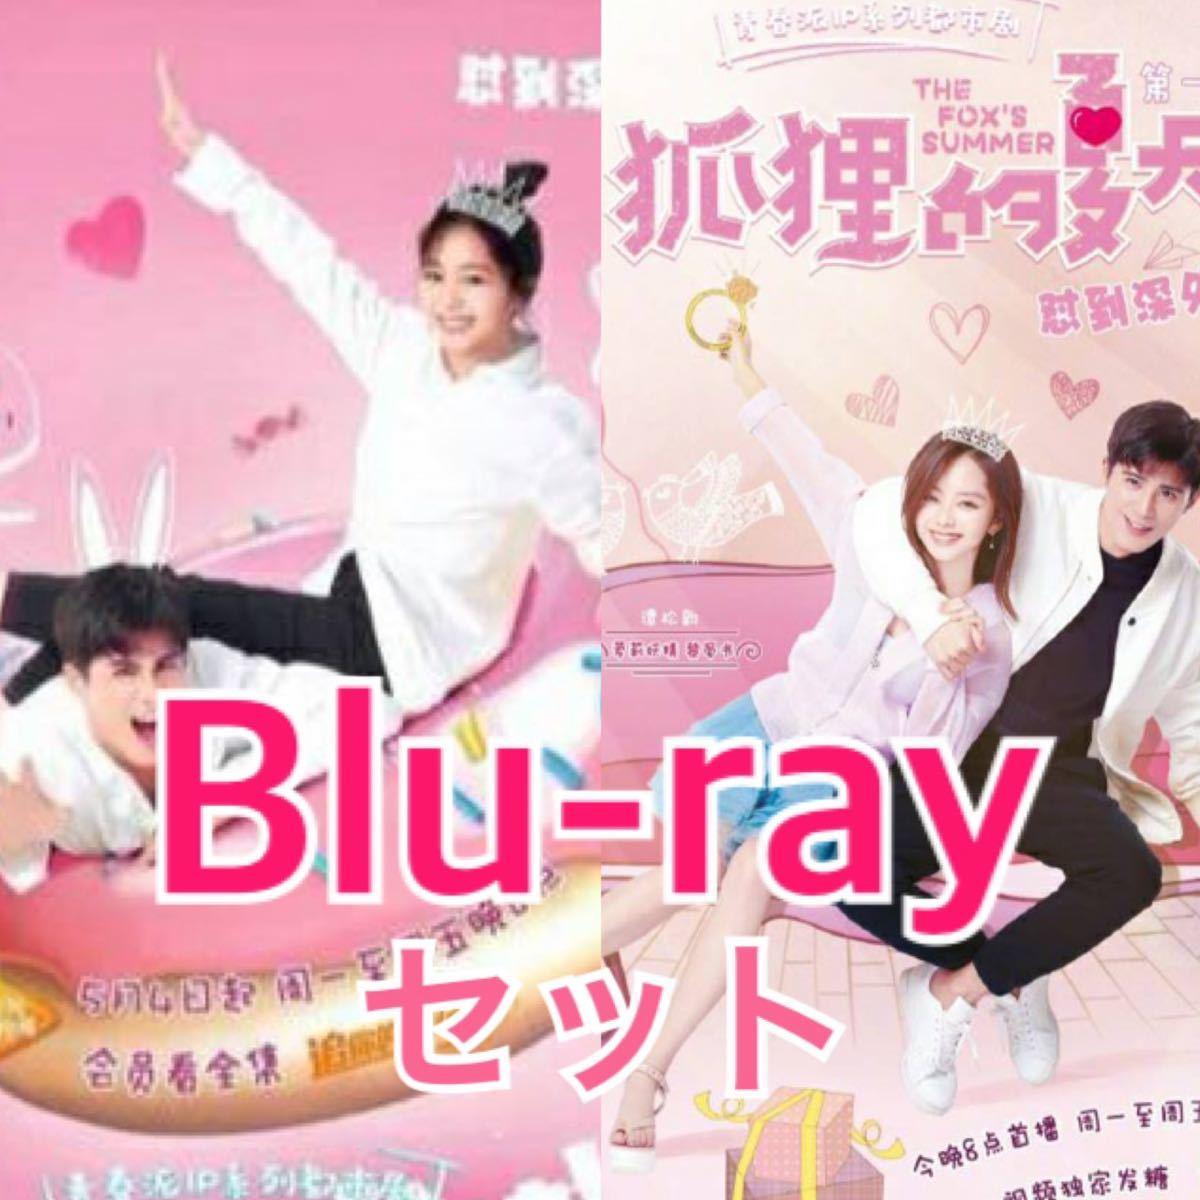 中国ドラマ 嘘つき彼女〜恋する夏〜 シーズン1.2 Blu-ray